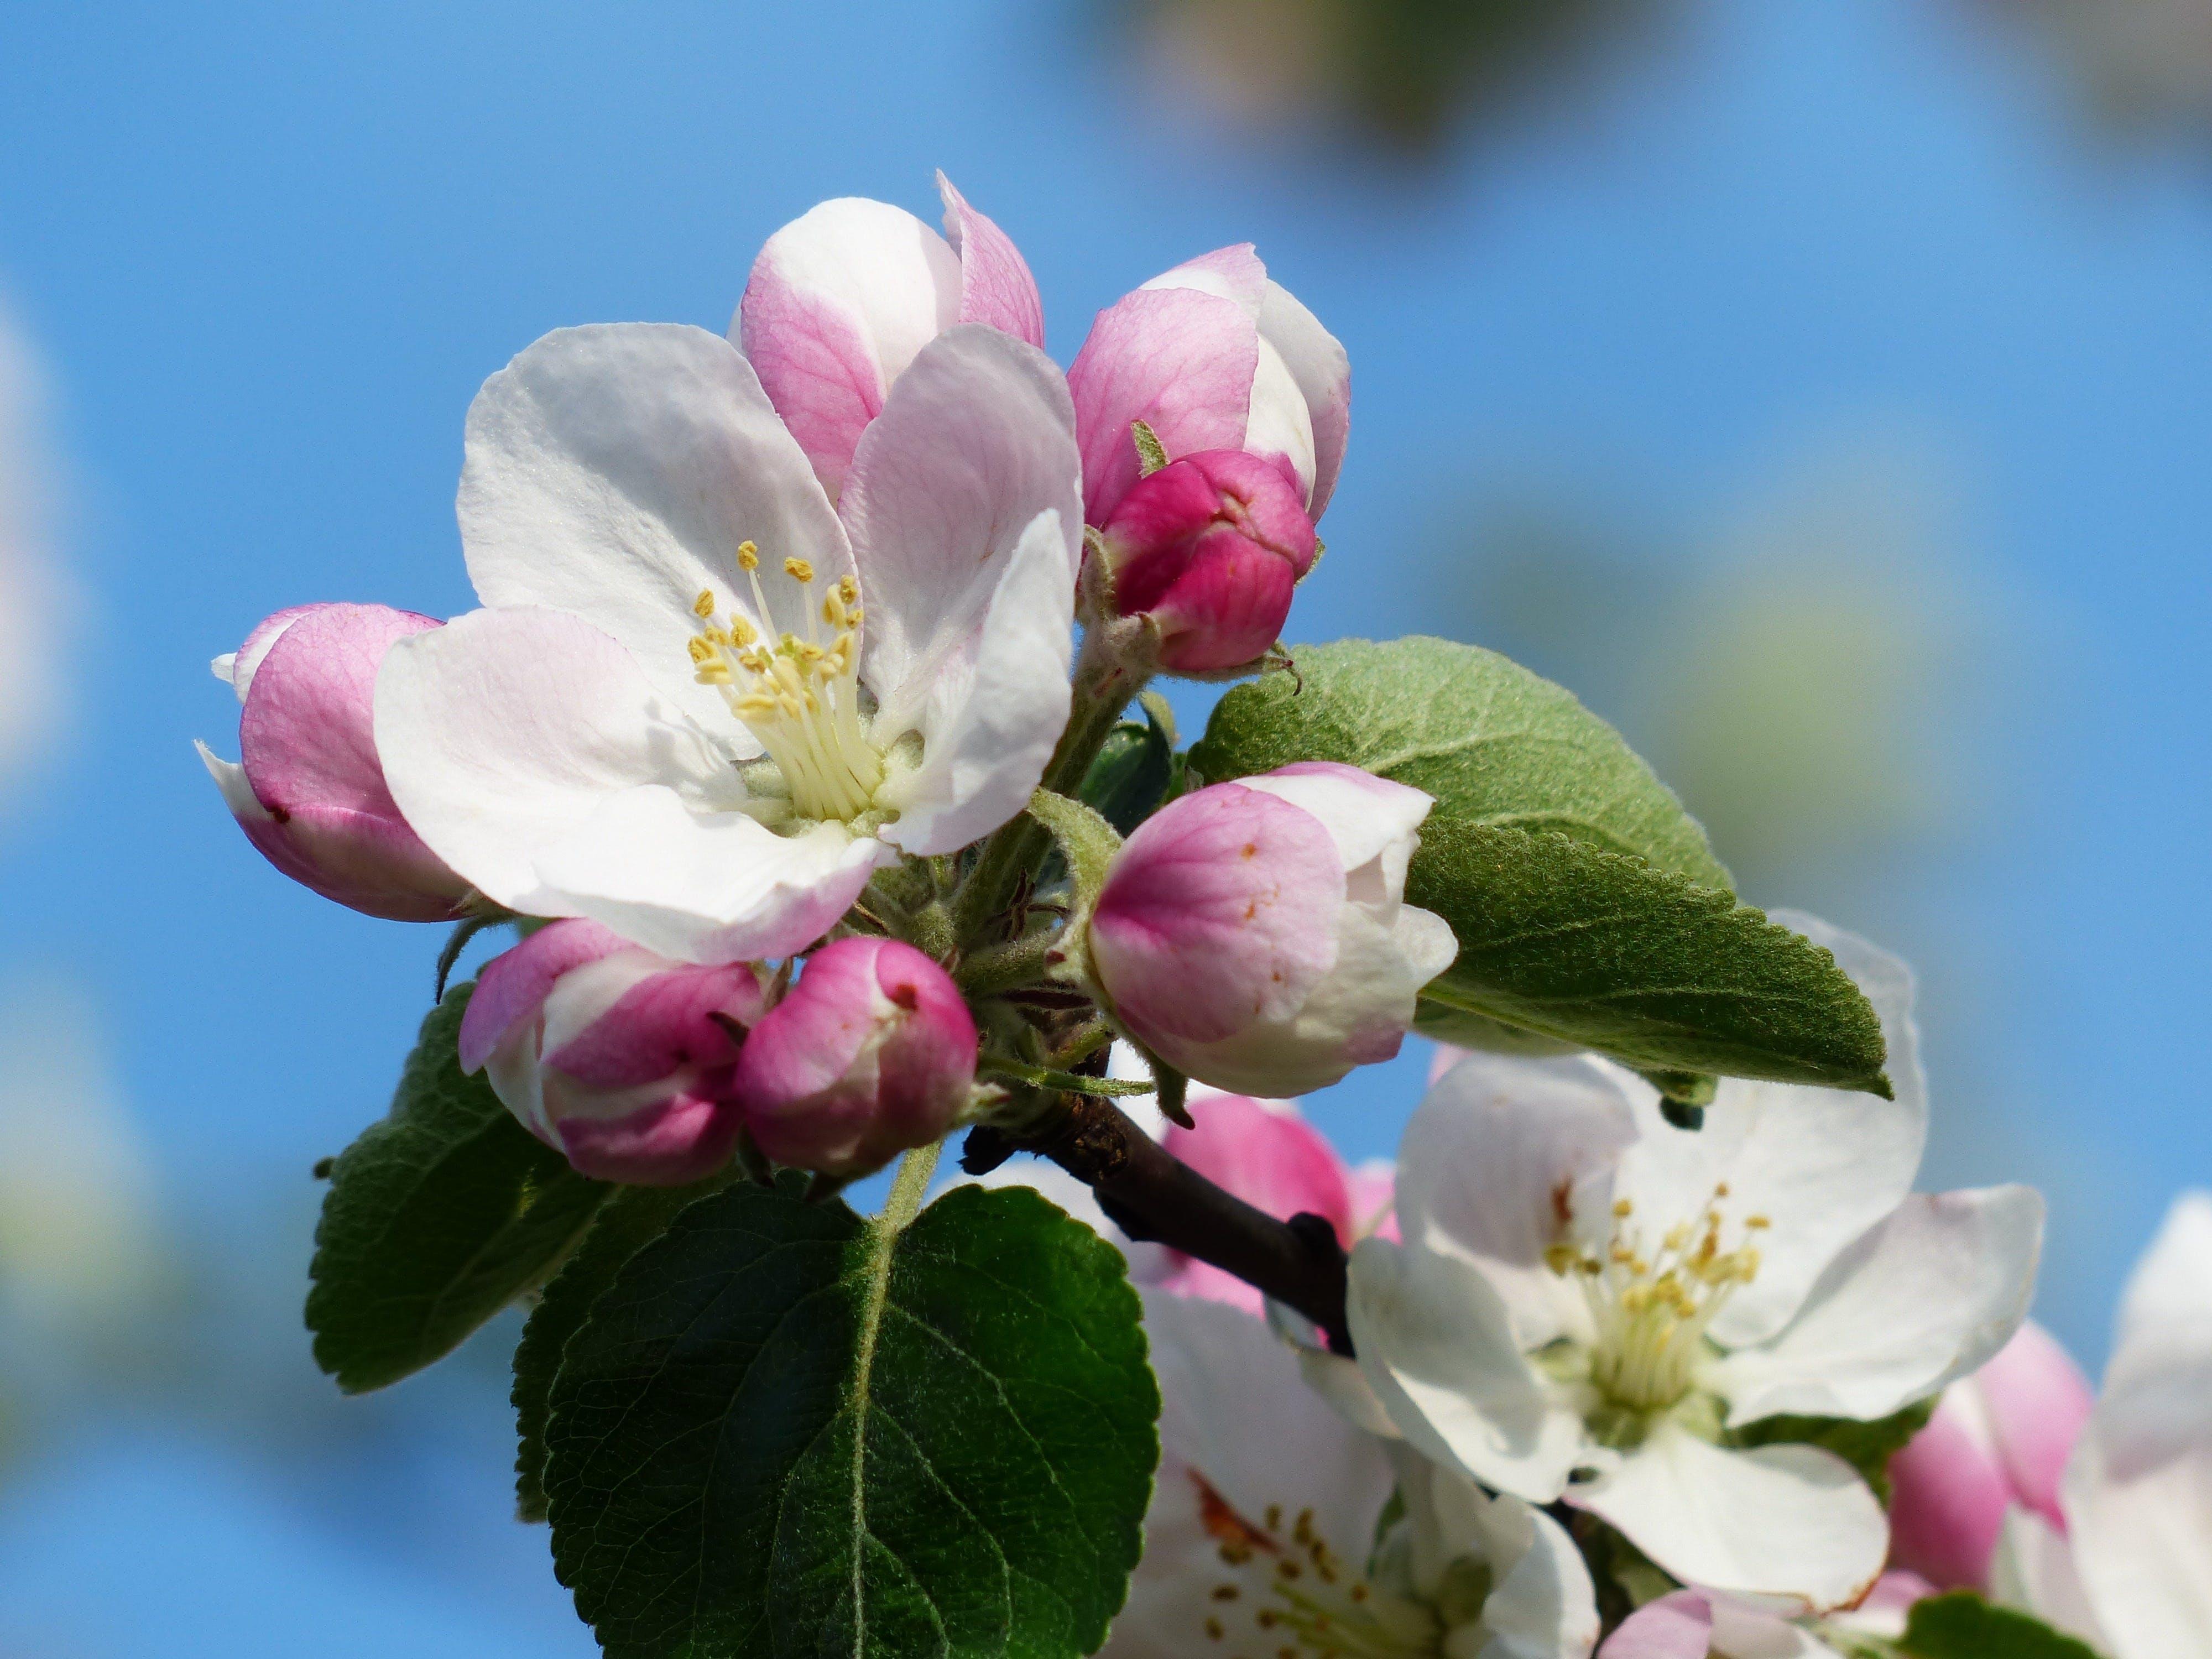 Ảnh lưu trữ miễn phí về cận cảnh, hệ thực vật, Hình nền HD, hoa